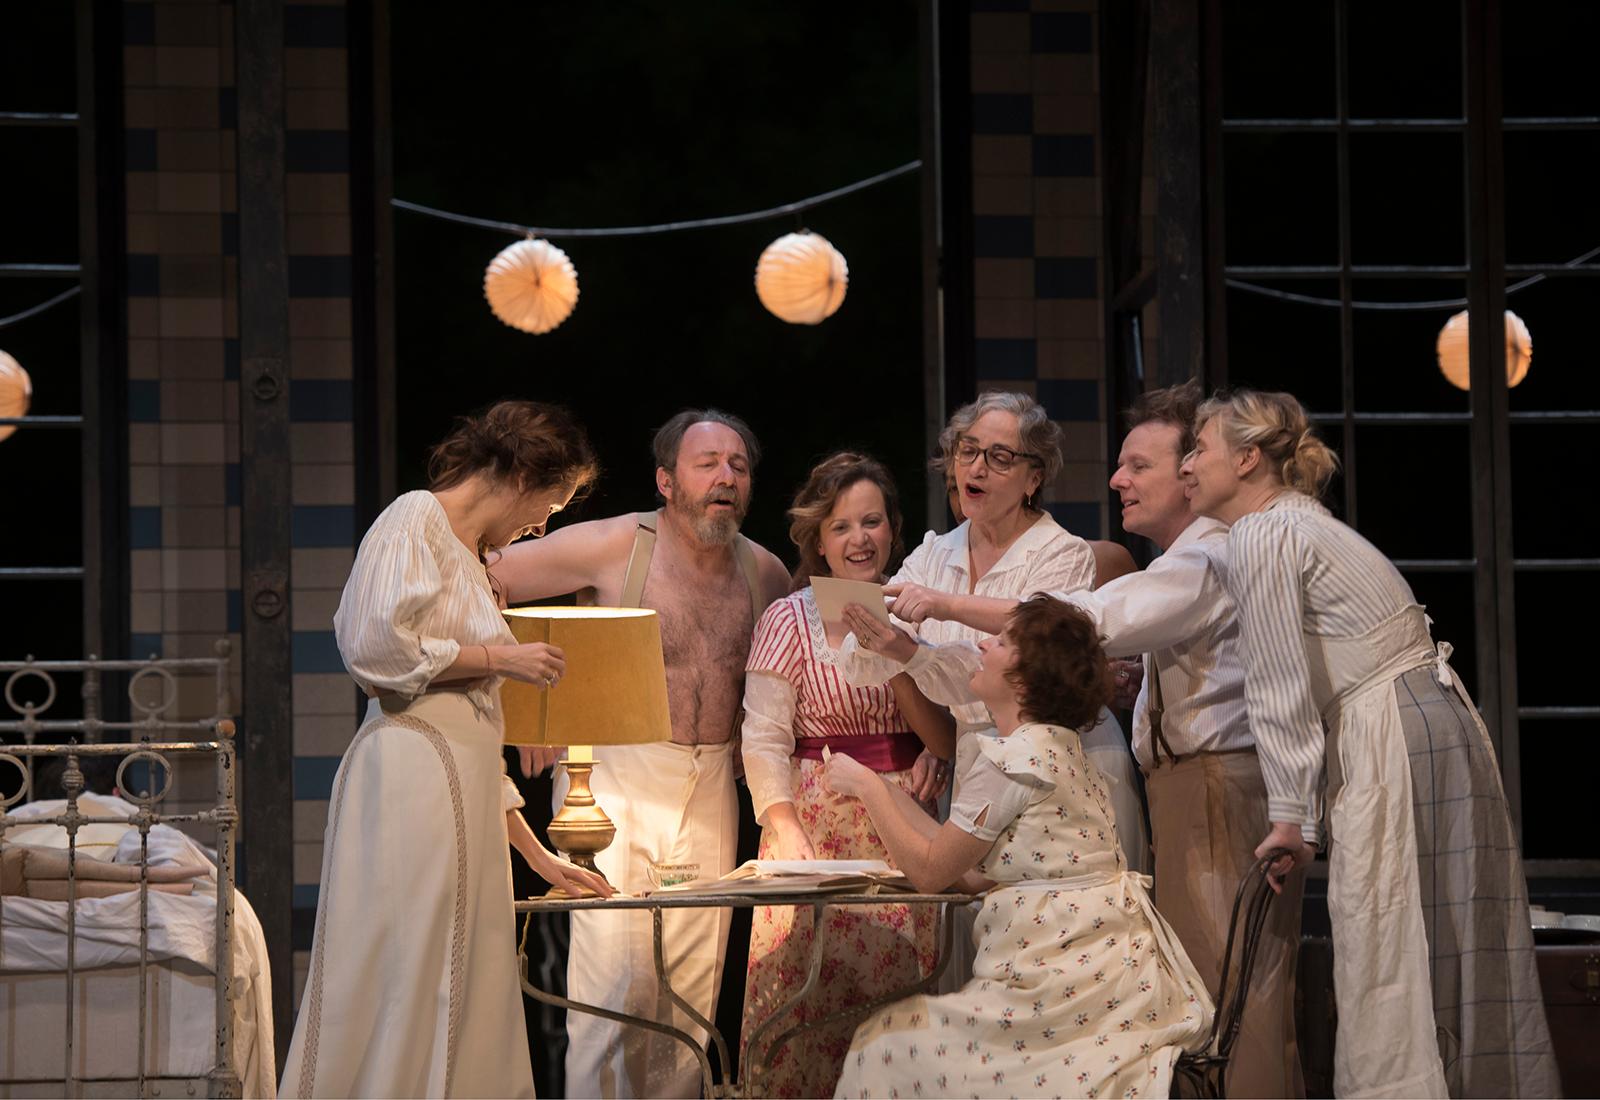 Hommes et femmes de la famille de Fanny et Alexandre sont réunis pour une fête estivale sur la scène de la Comédie-Française.